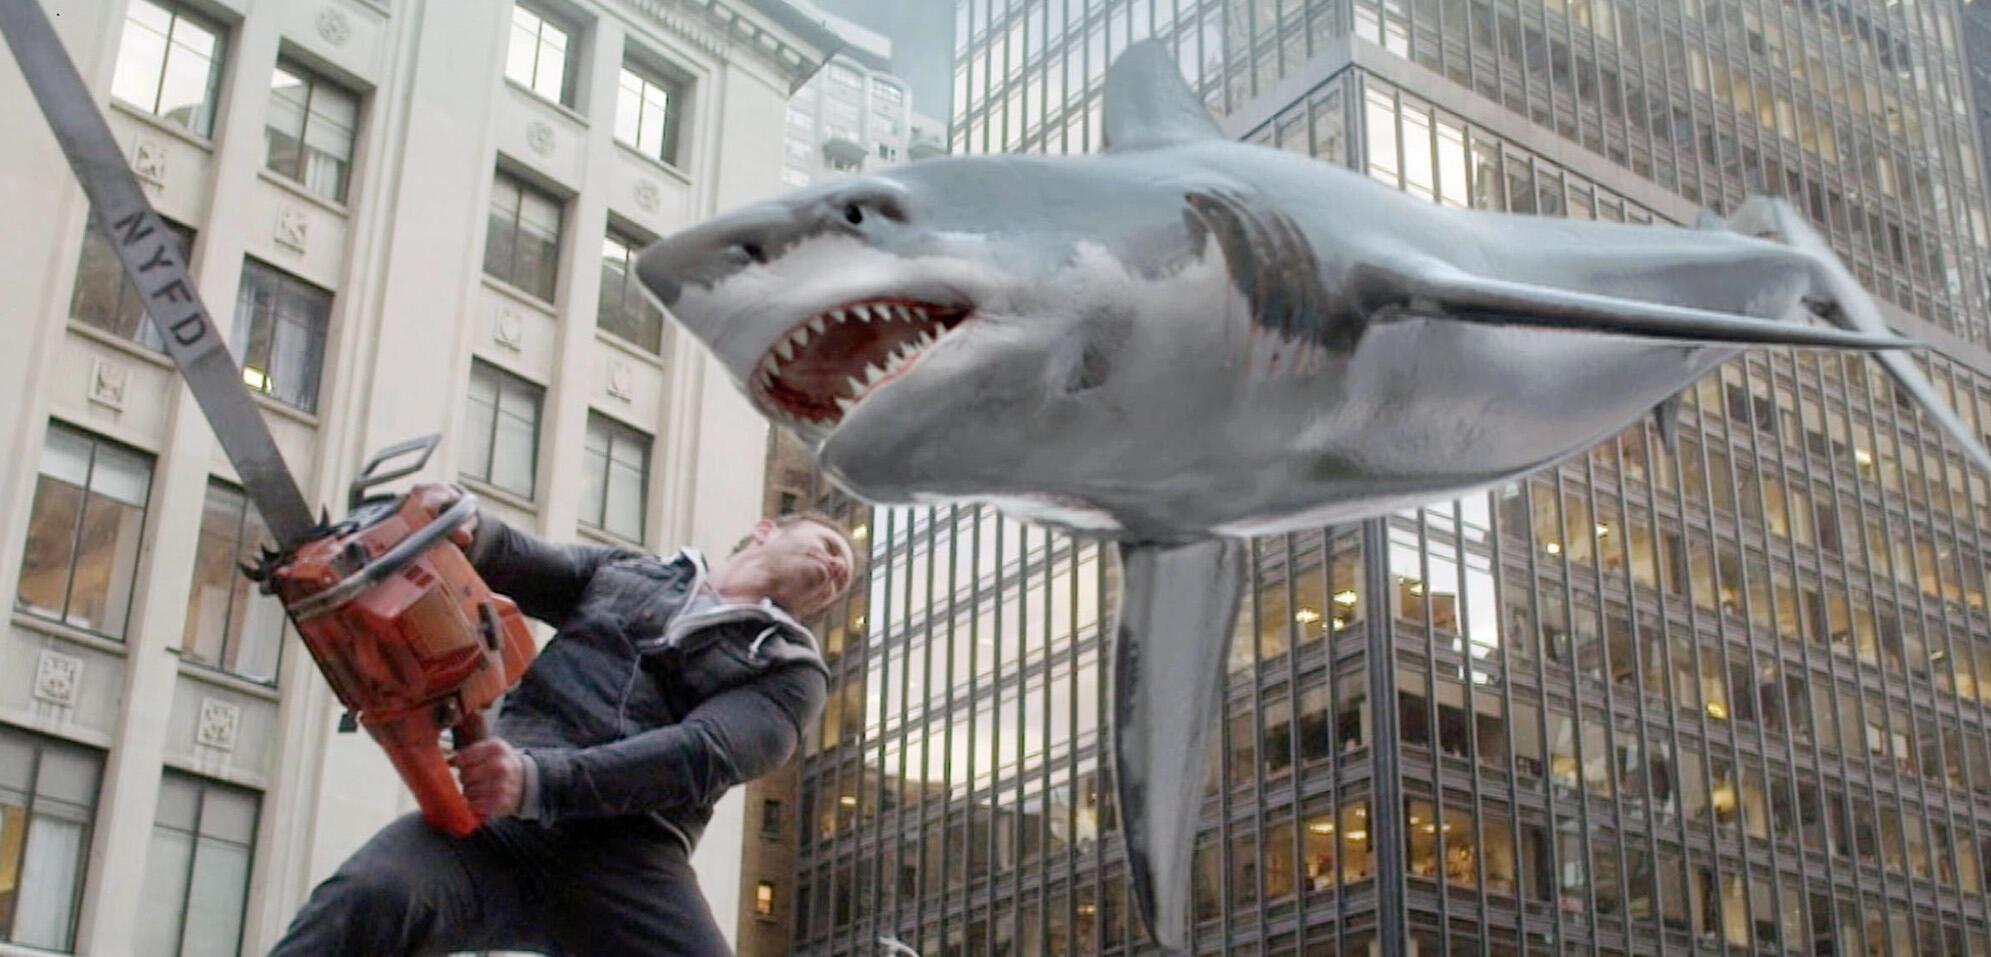 Sharknado 4 Besetzung